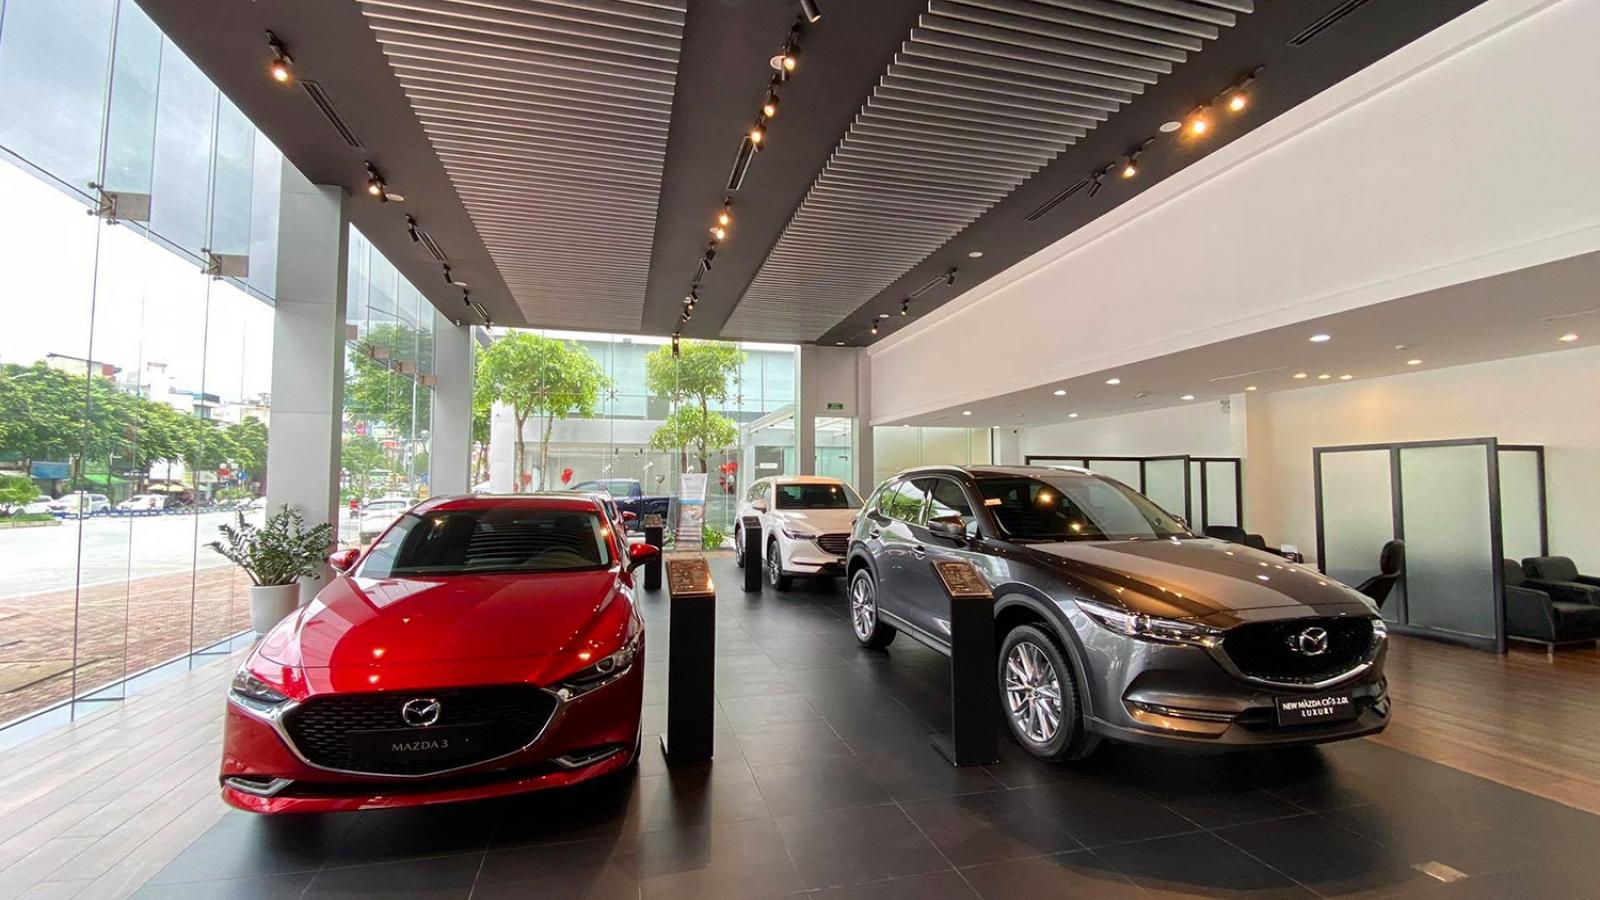 Thị trường ô tô tiếp tục sụt giảm do ảnh hưởng của tháng Ngâu và Covid-19